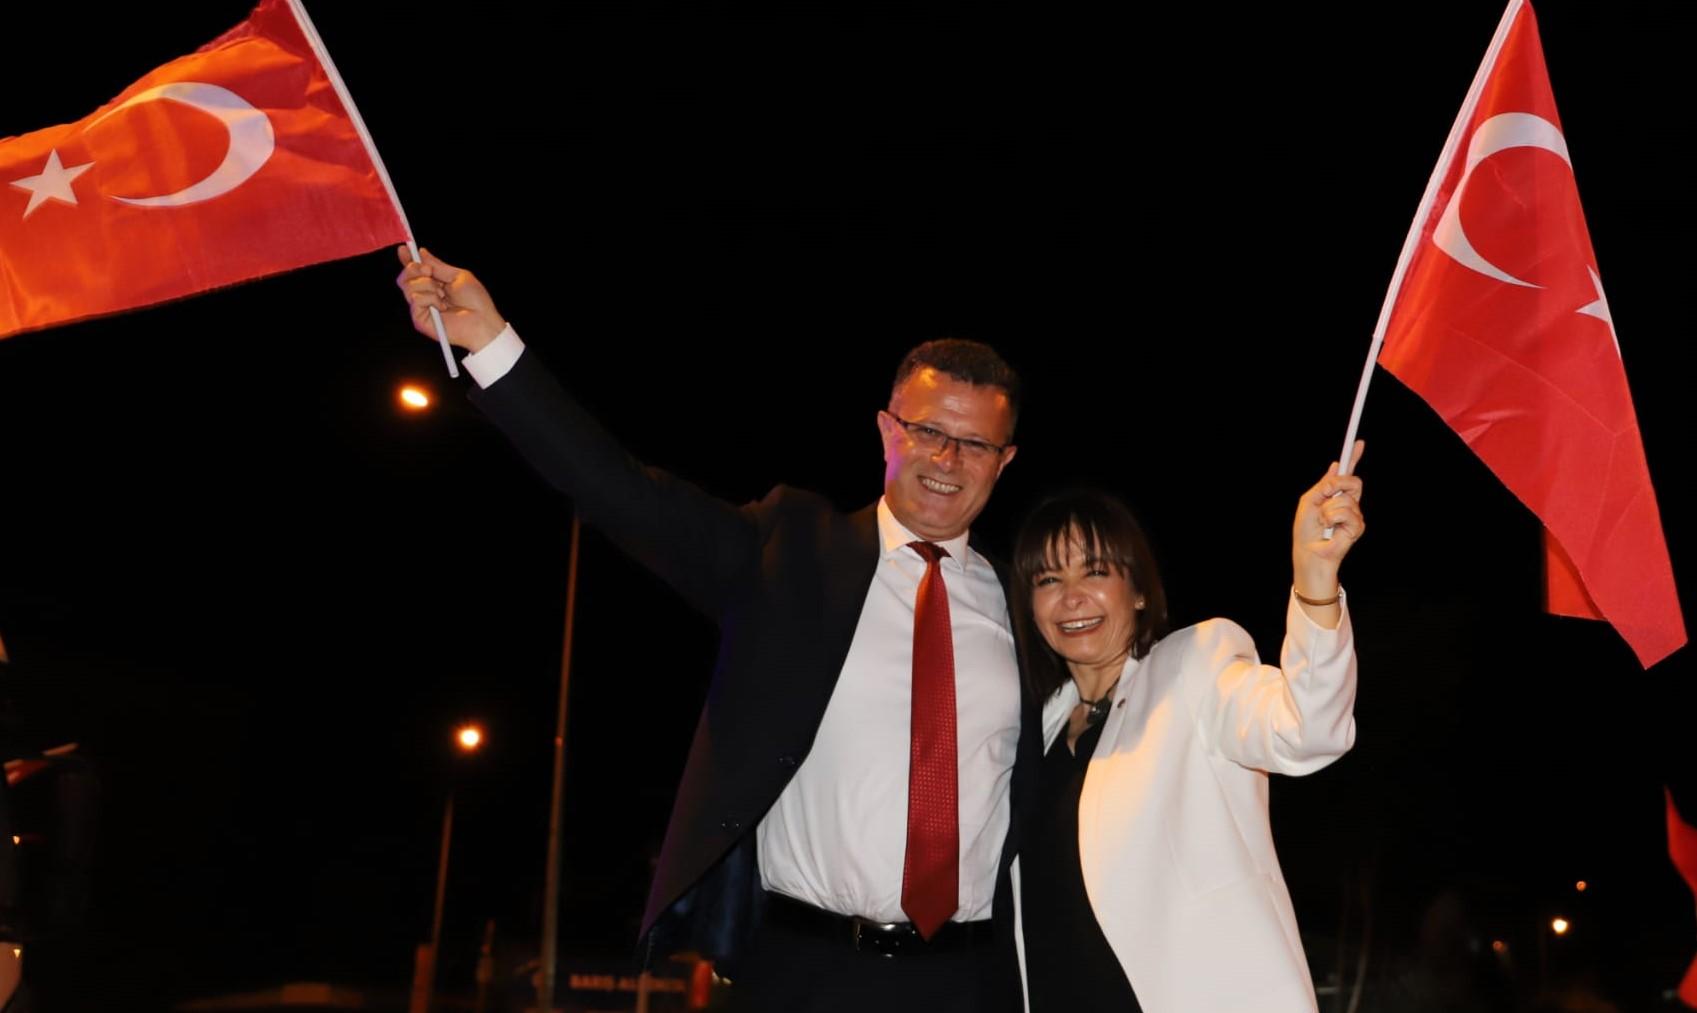 19 Mayıs Atatürk'ü Anma, Gençlik ve Spor Bayramımızın 102. Yıl Dönümünü Büyük bir Coşkuyla Kutladık.